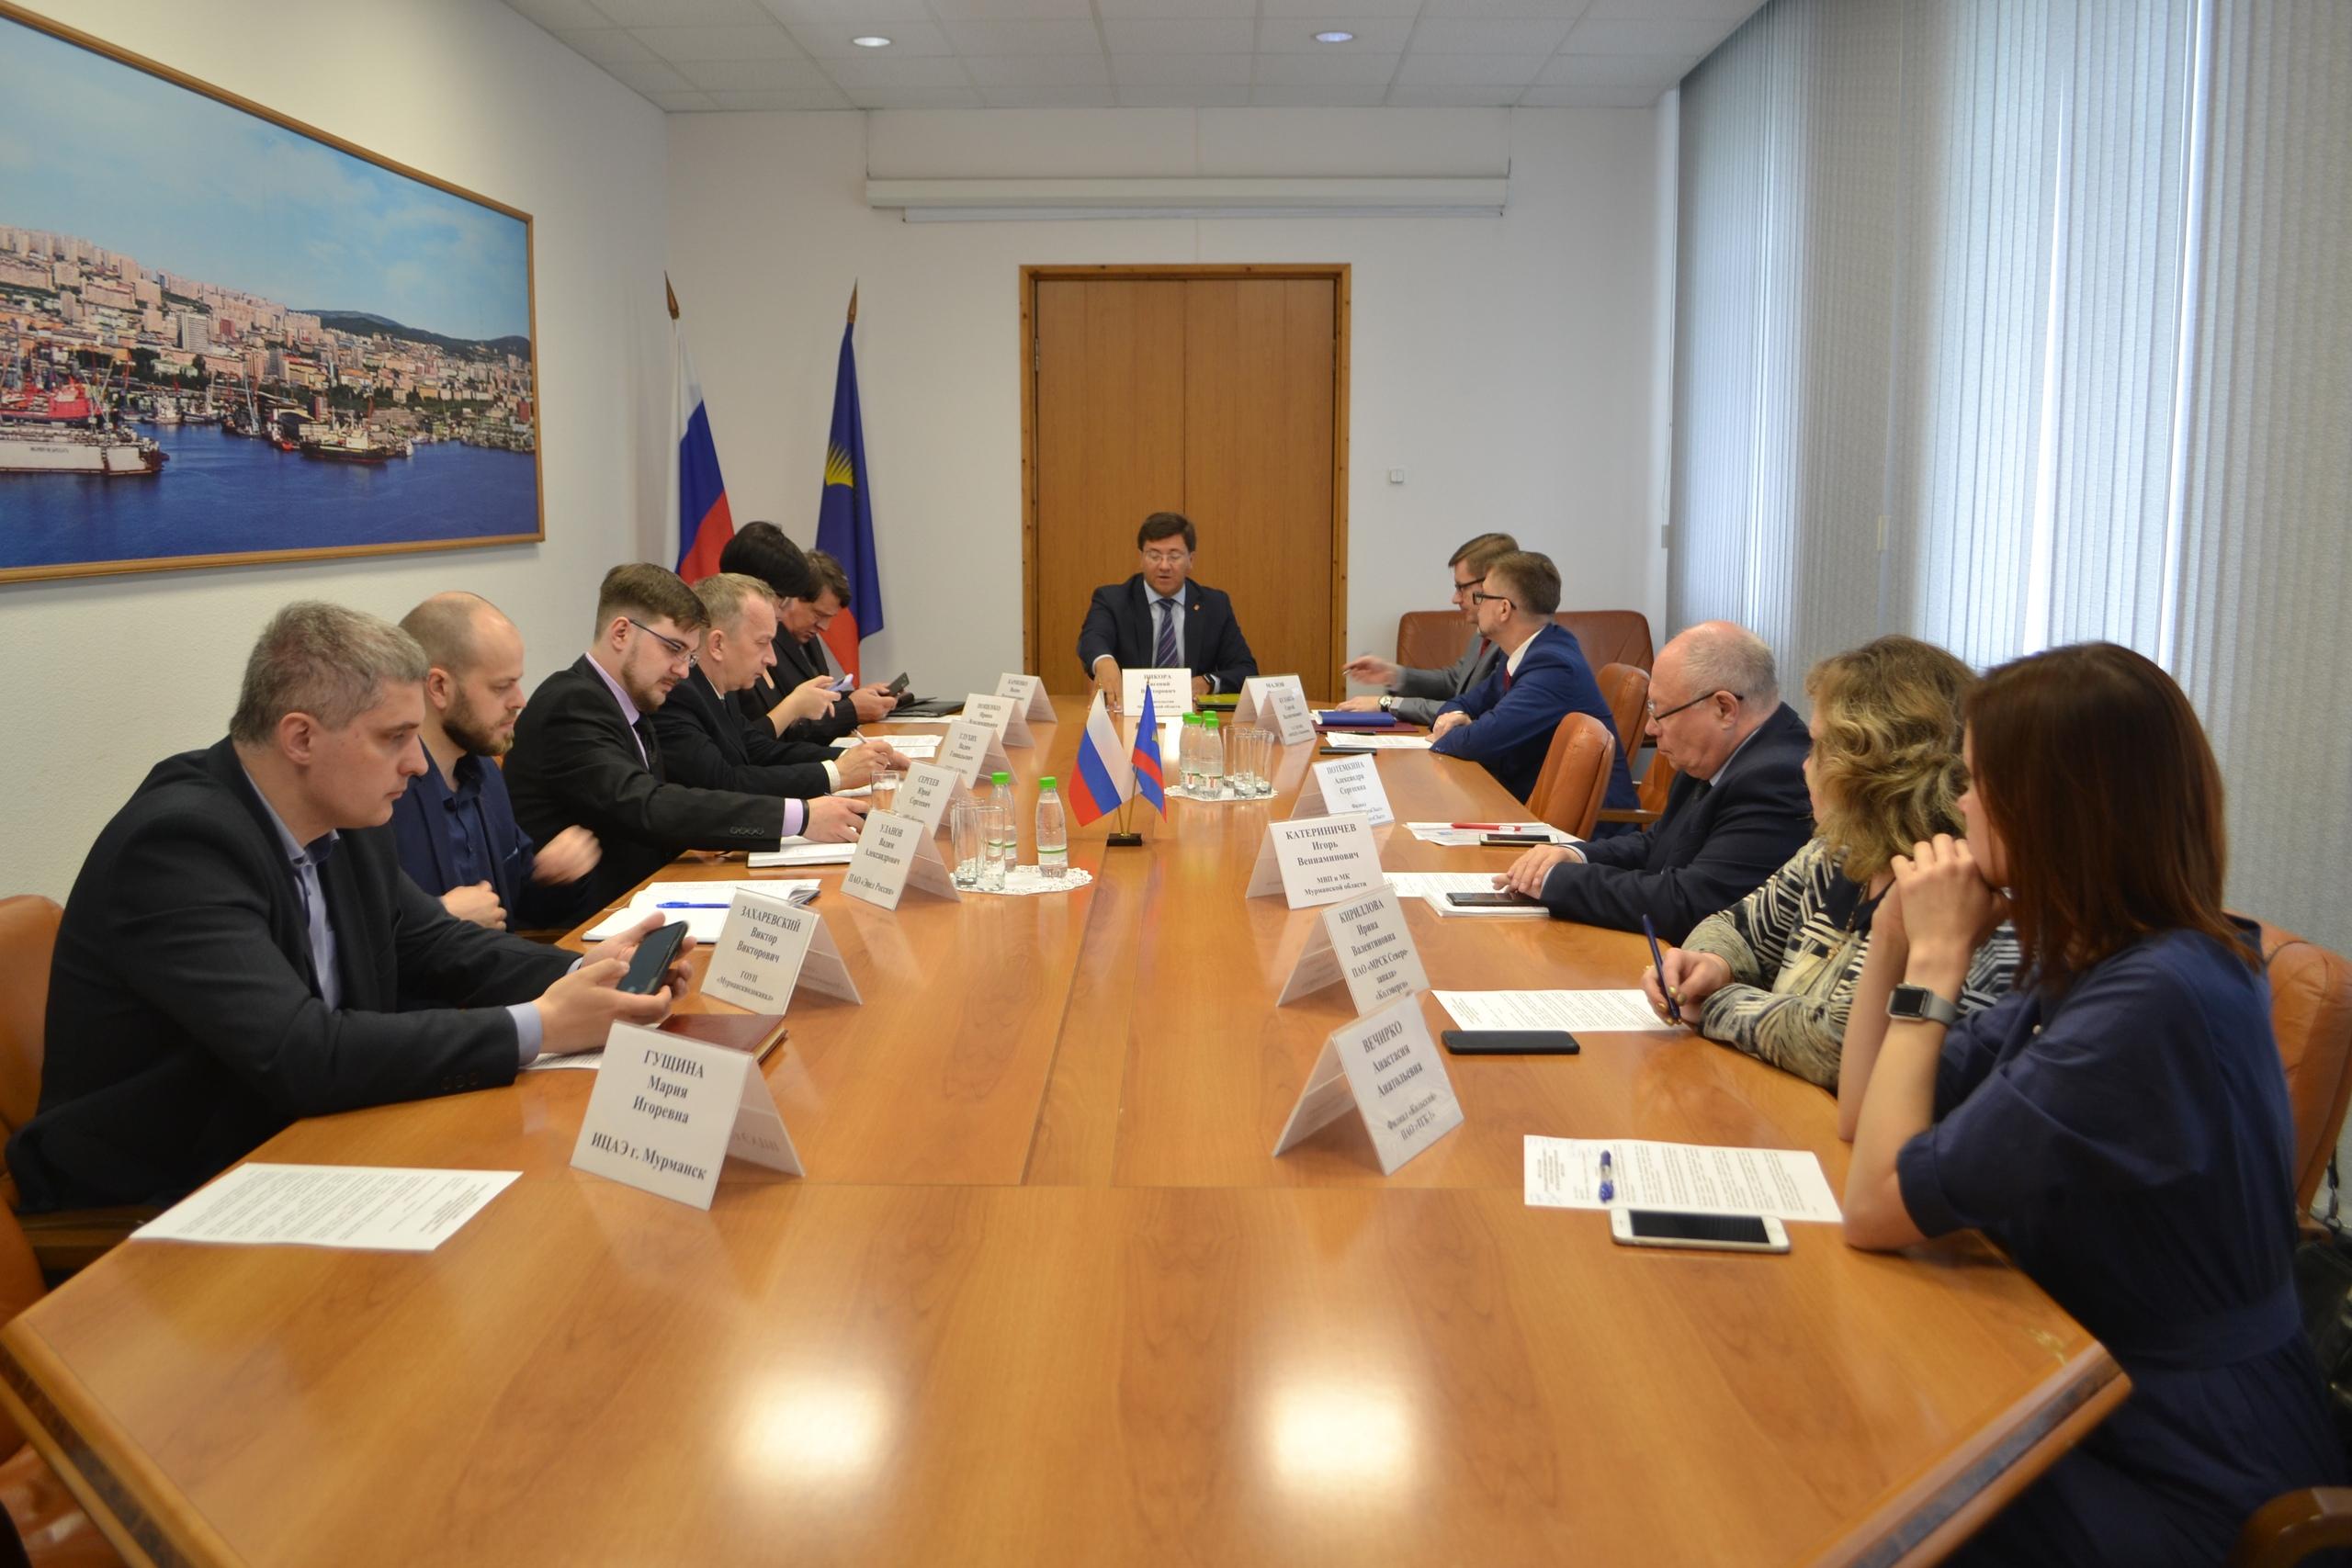 Евгений Никора проверил ход подготовки фестиваля энергосбережения и экологии